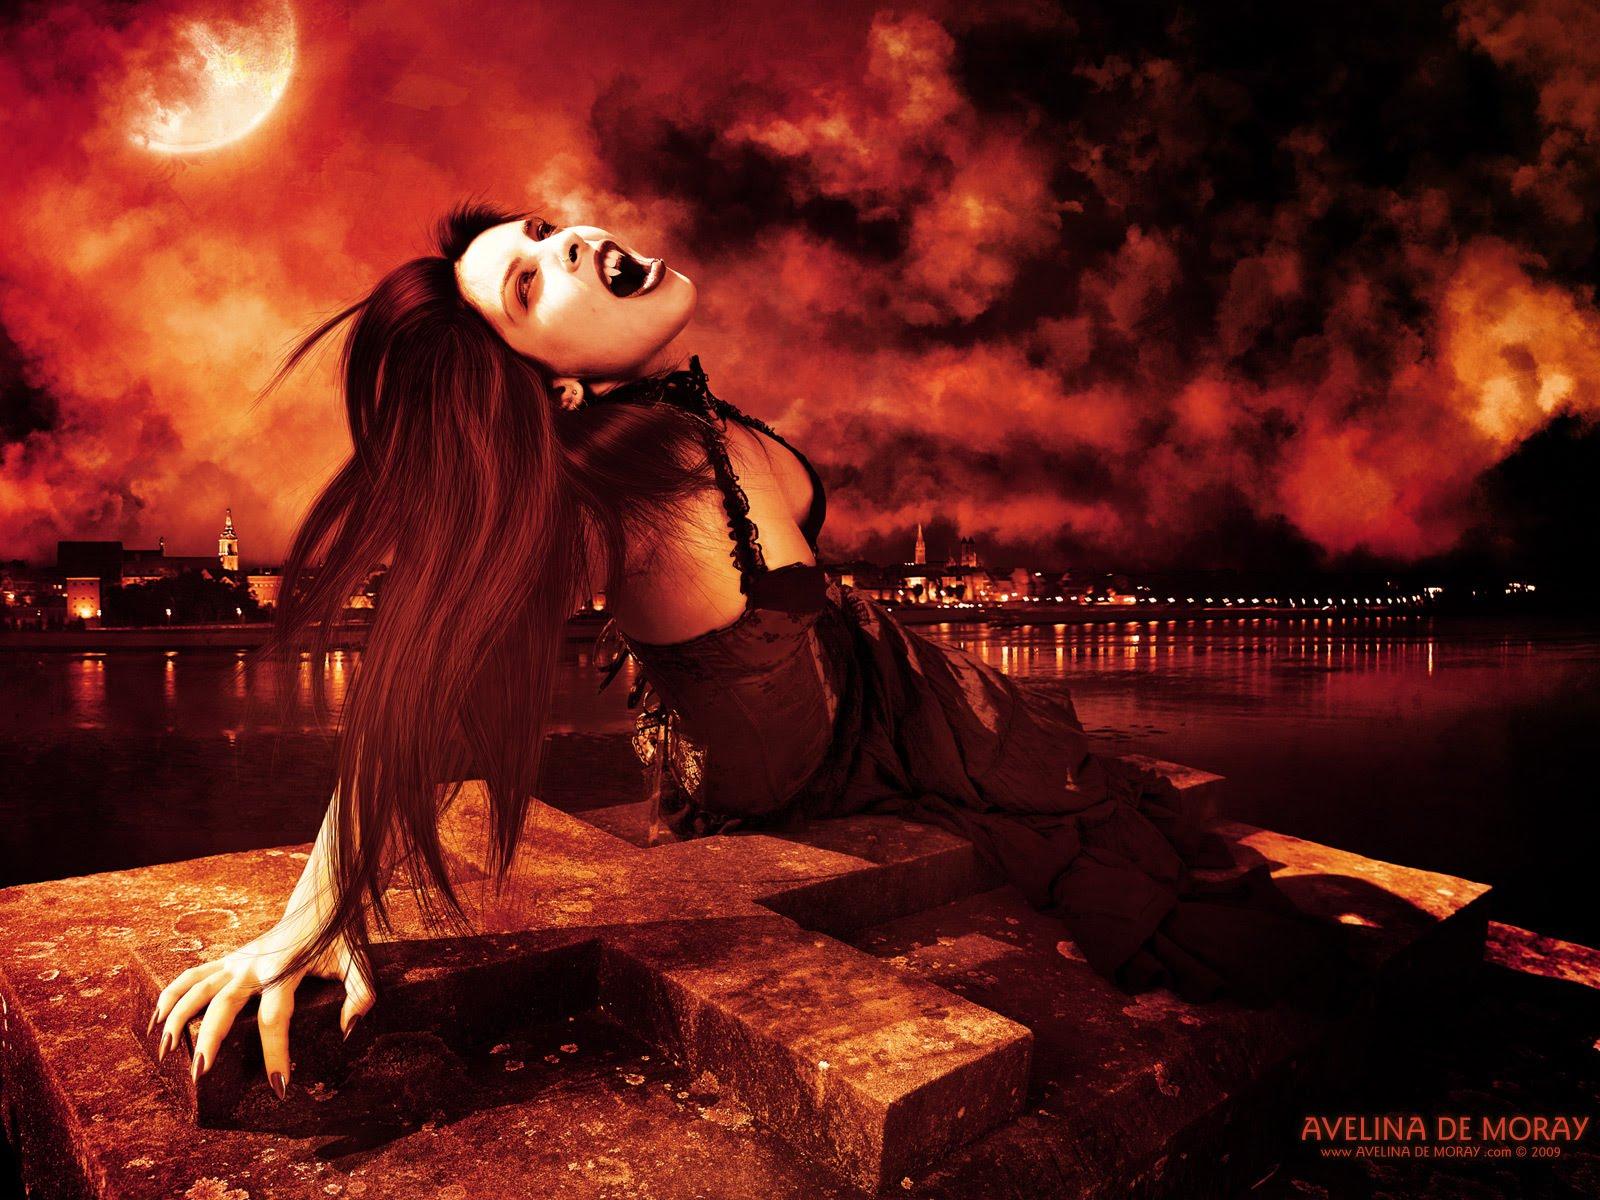 Fondos de vampiros Fondos_de_pantalla_de_vampiros_03